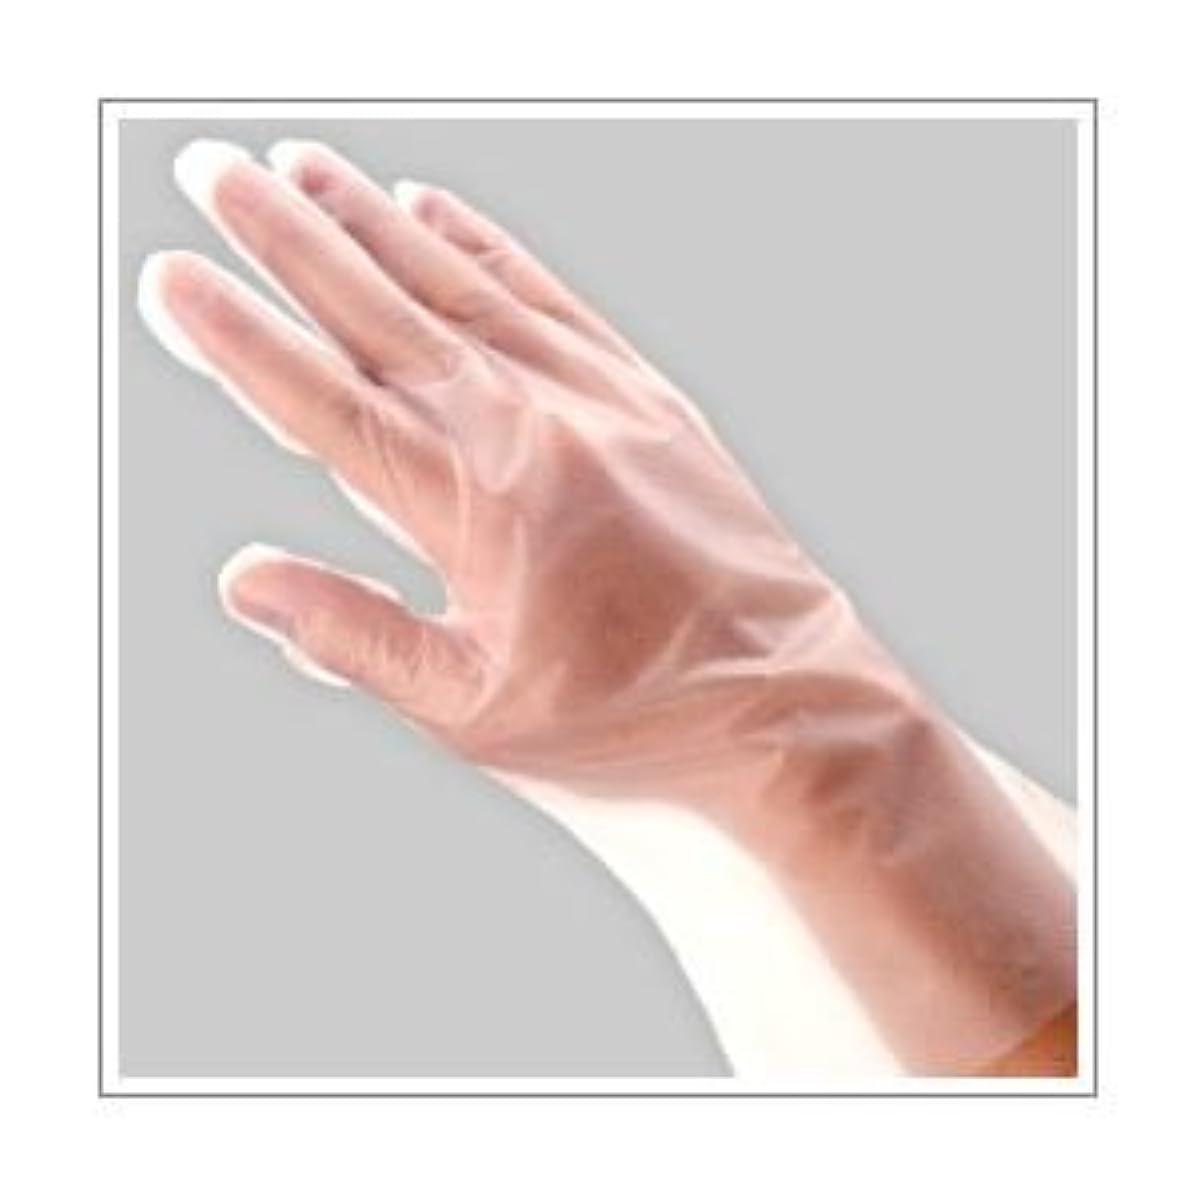 演劇ガロン驚くべき(業務用セット) 福助工業 ポリ手袋 指フィット 100枚パック L 【×10セット】 dS-1640685